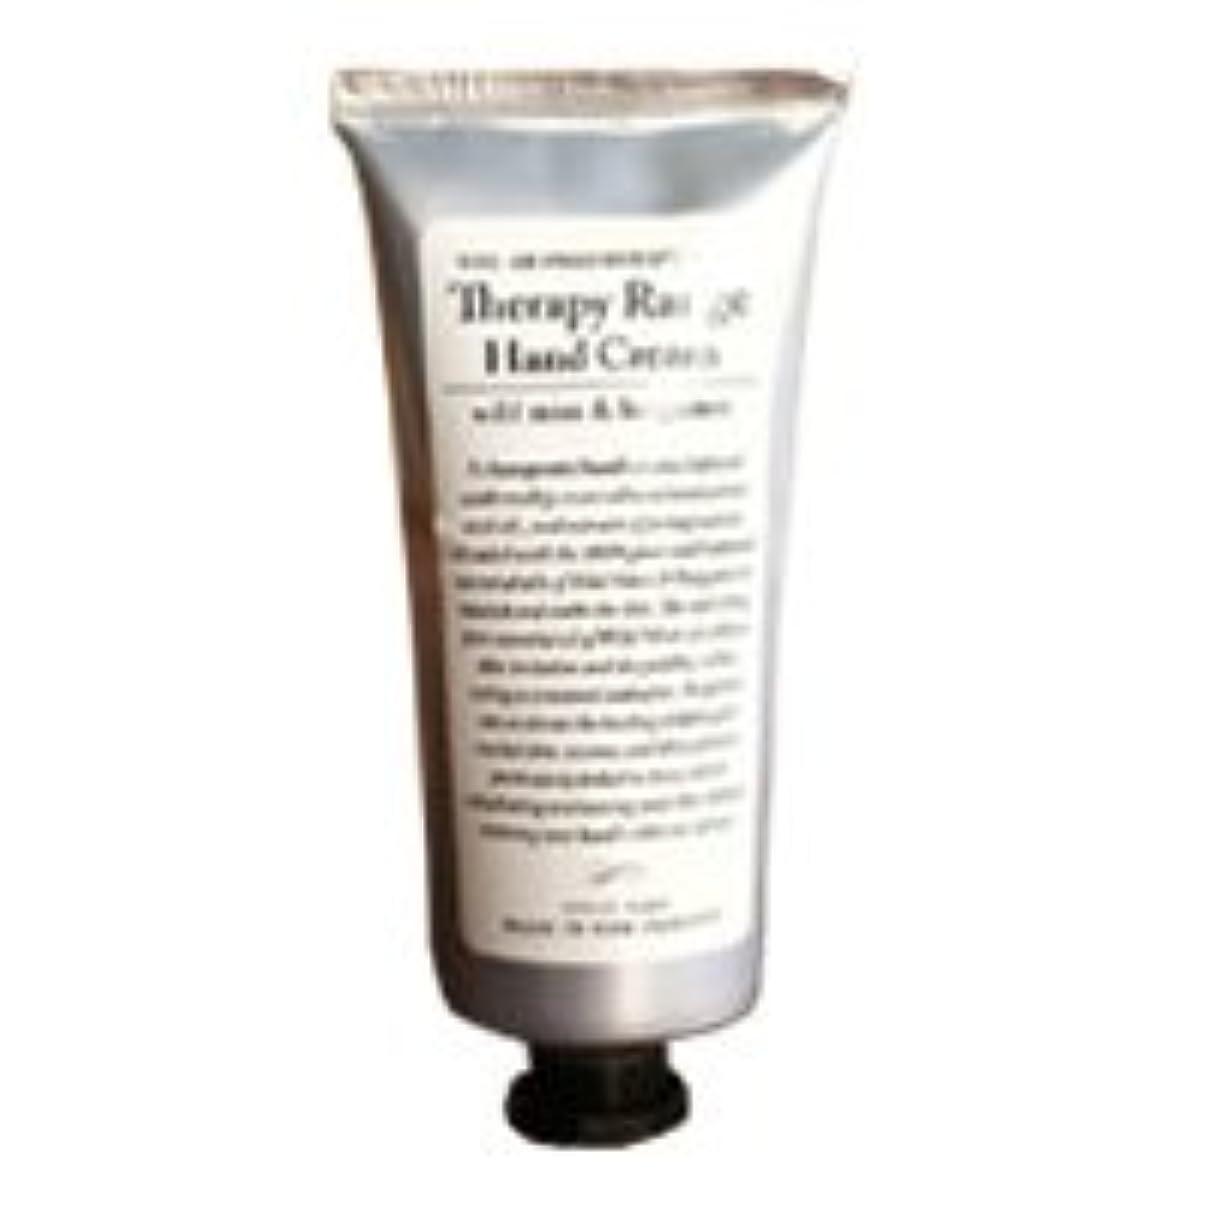 パケット困惑する耐えるTherapy Range(セラピーレンジ) Nourishiing Hand Cream ハンドクリーム ワンサイズ ワイルドミント&ベルガモット